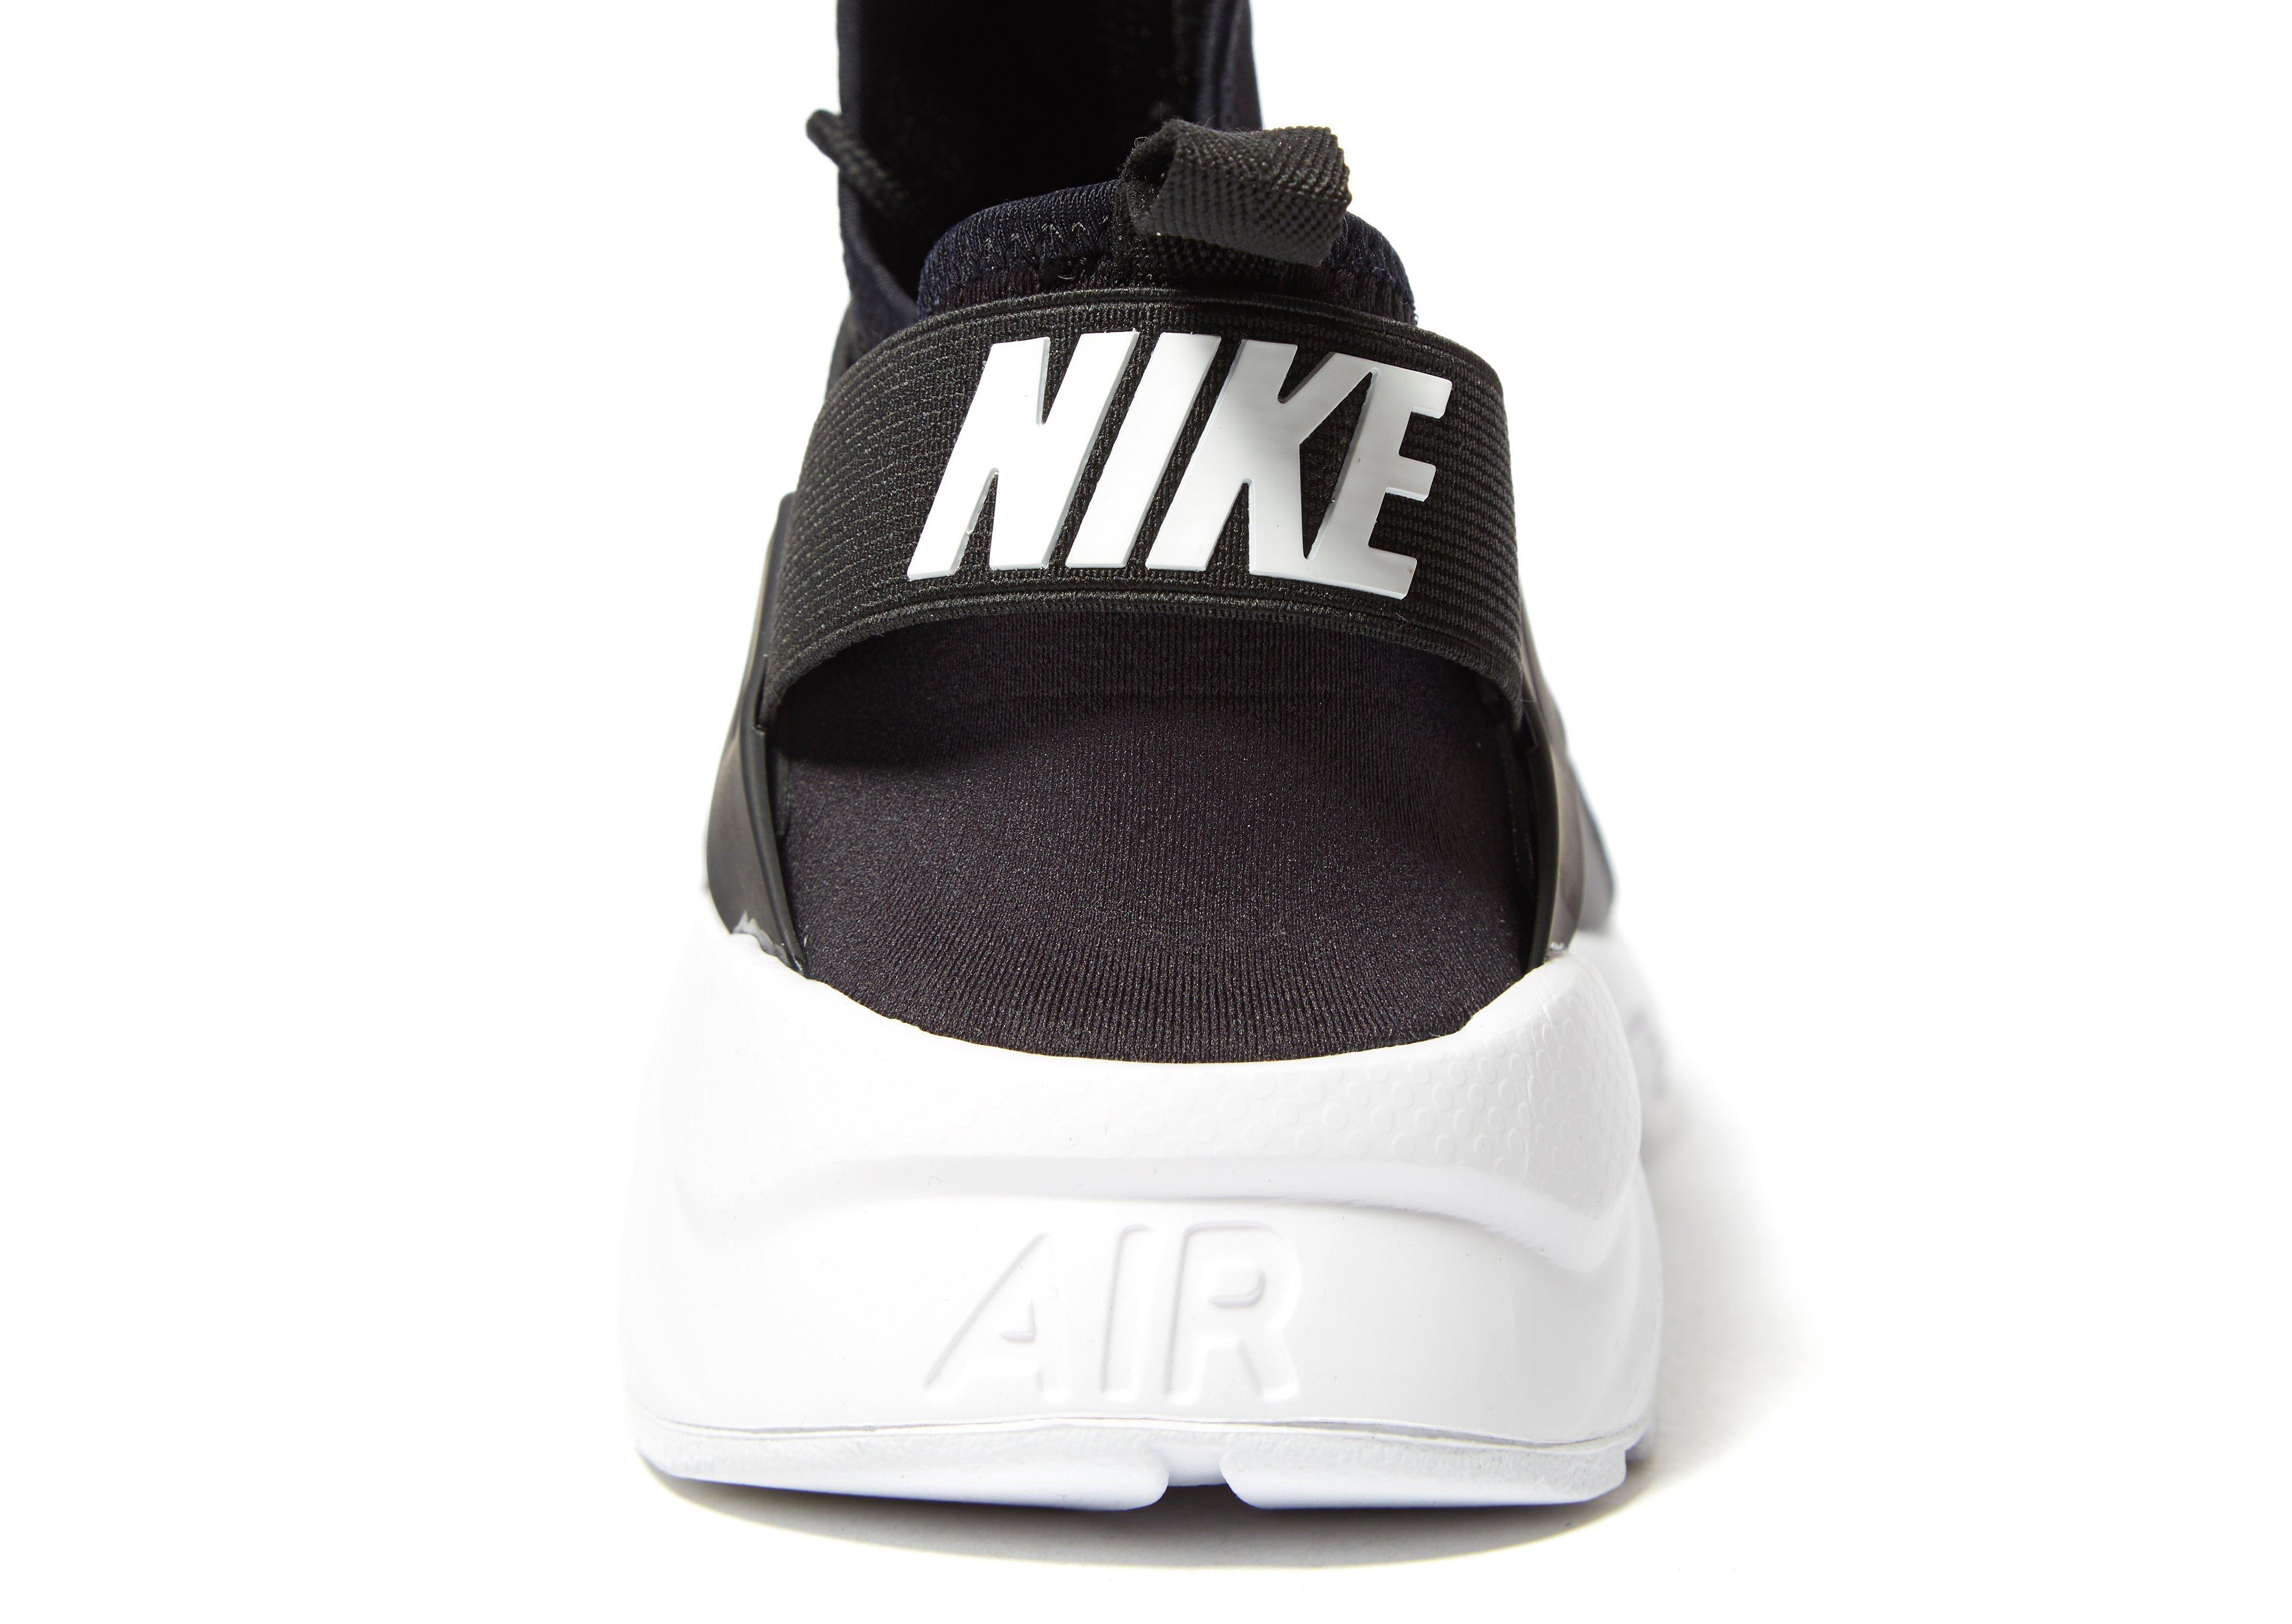 7e75c2a3784 Sale Nike Air Huarache Run Custom Volleyball Shoes